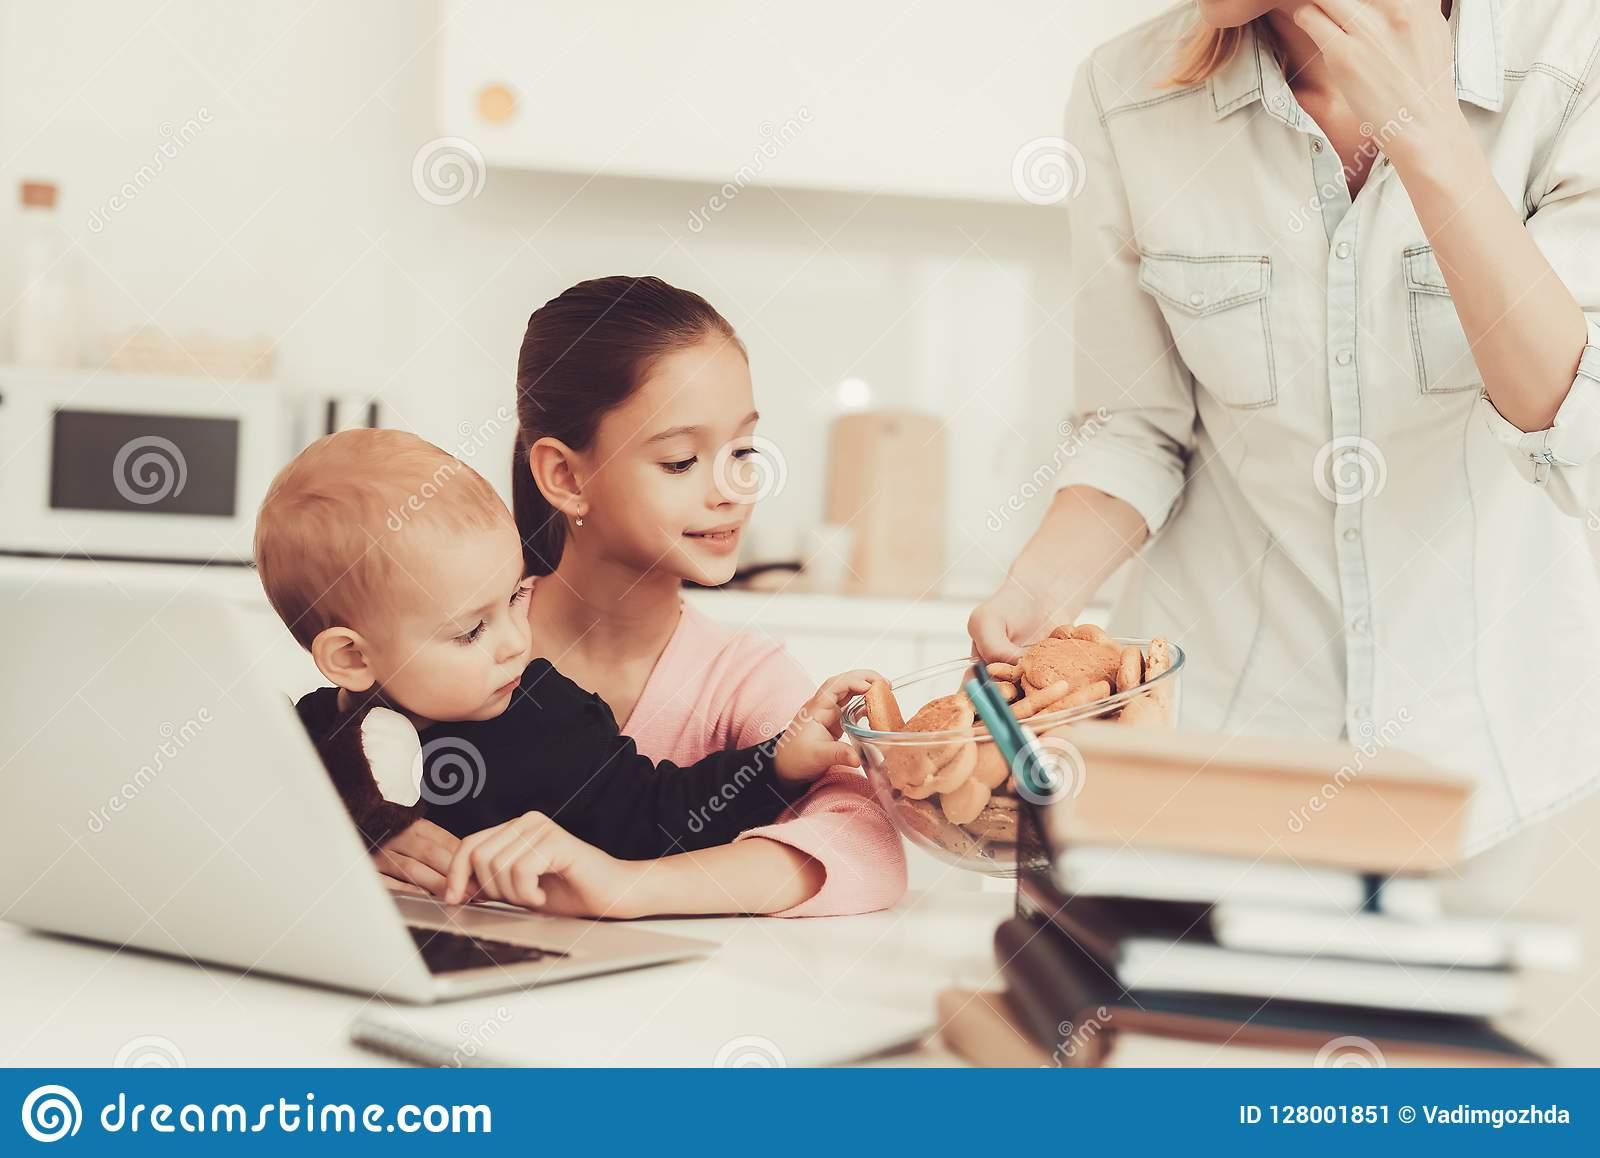 Jeux De Jeune Fille Avec Le Frère On Kitchen De Bébé Image avec Inscription Jeux De Fille